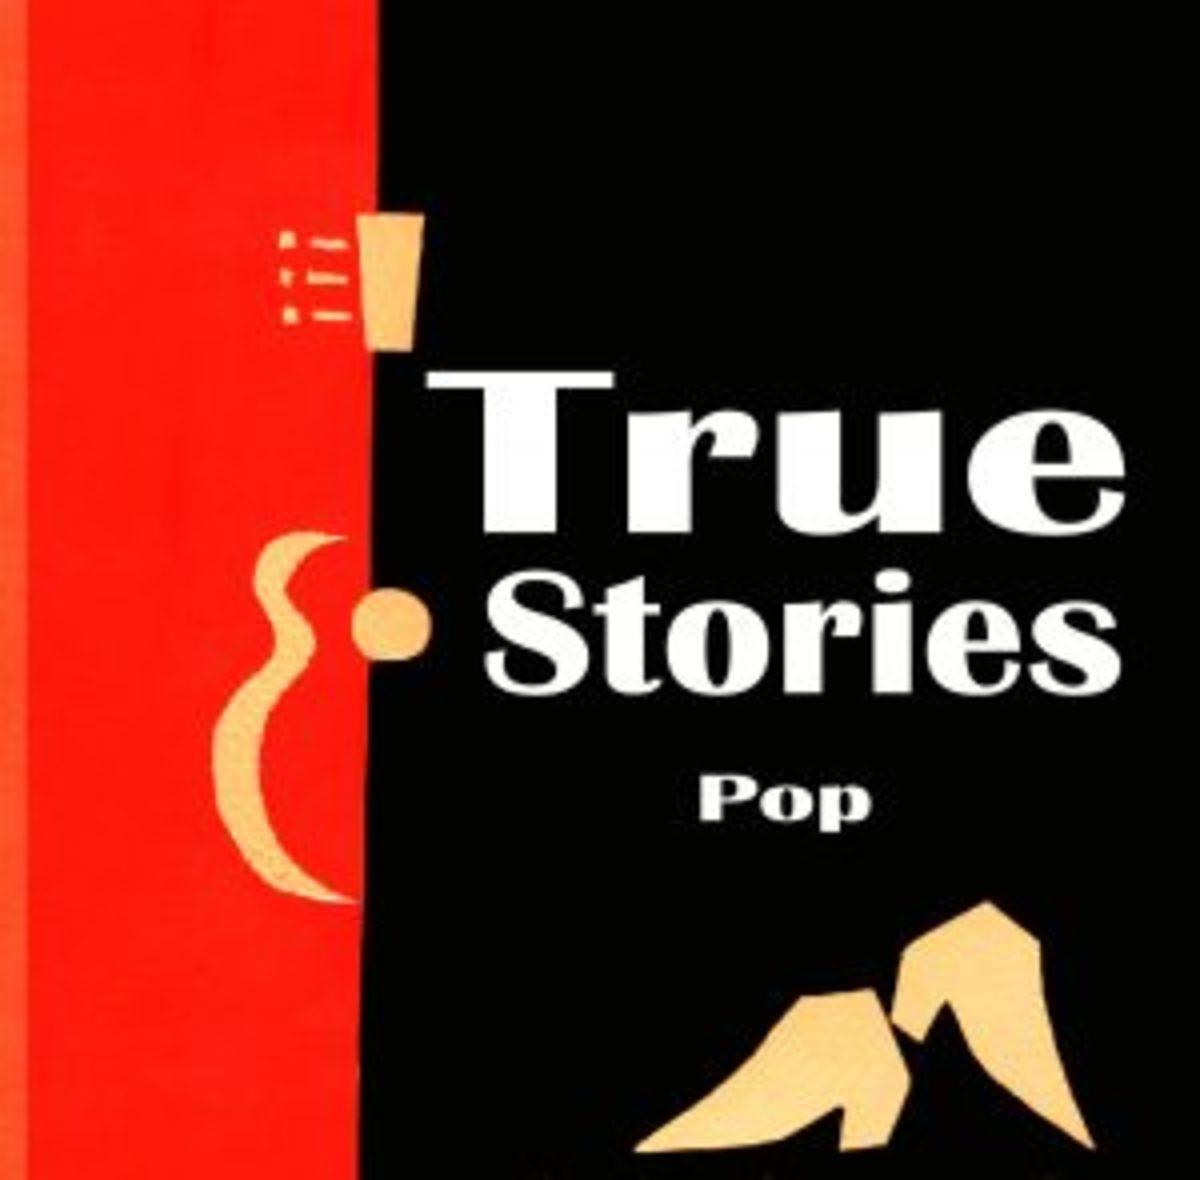 TRUE STORIES POP